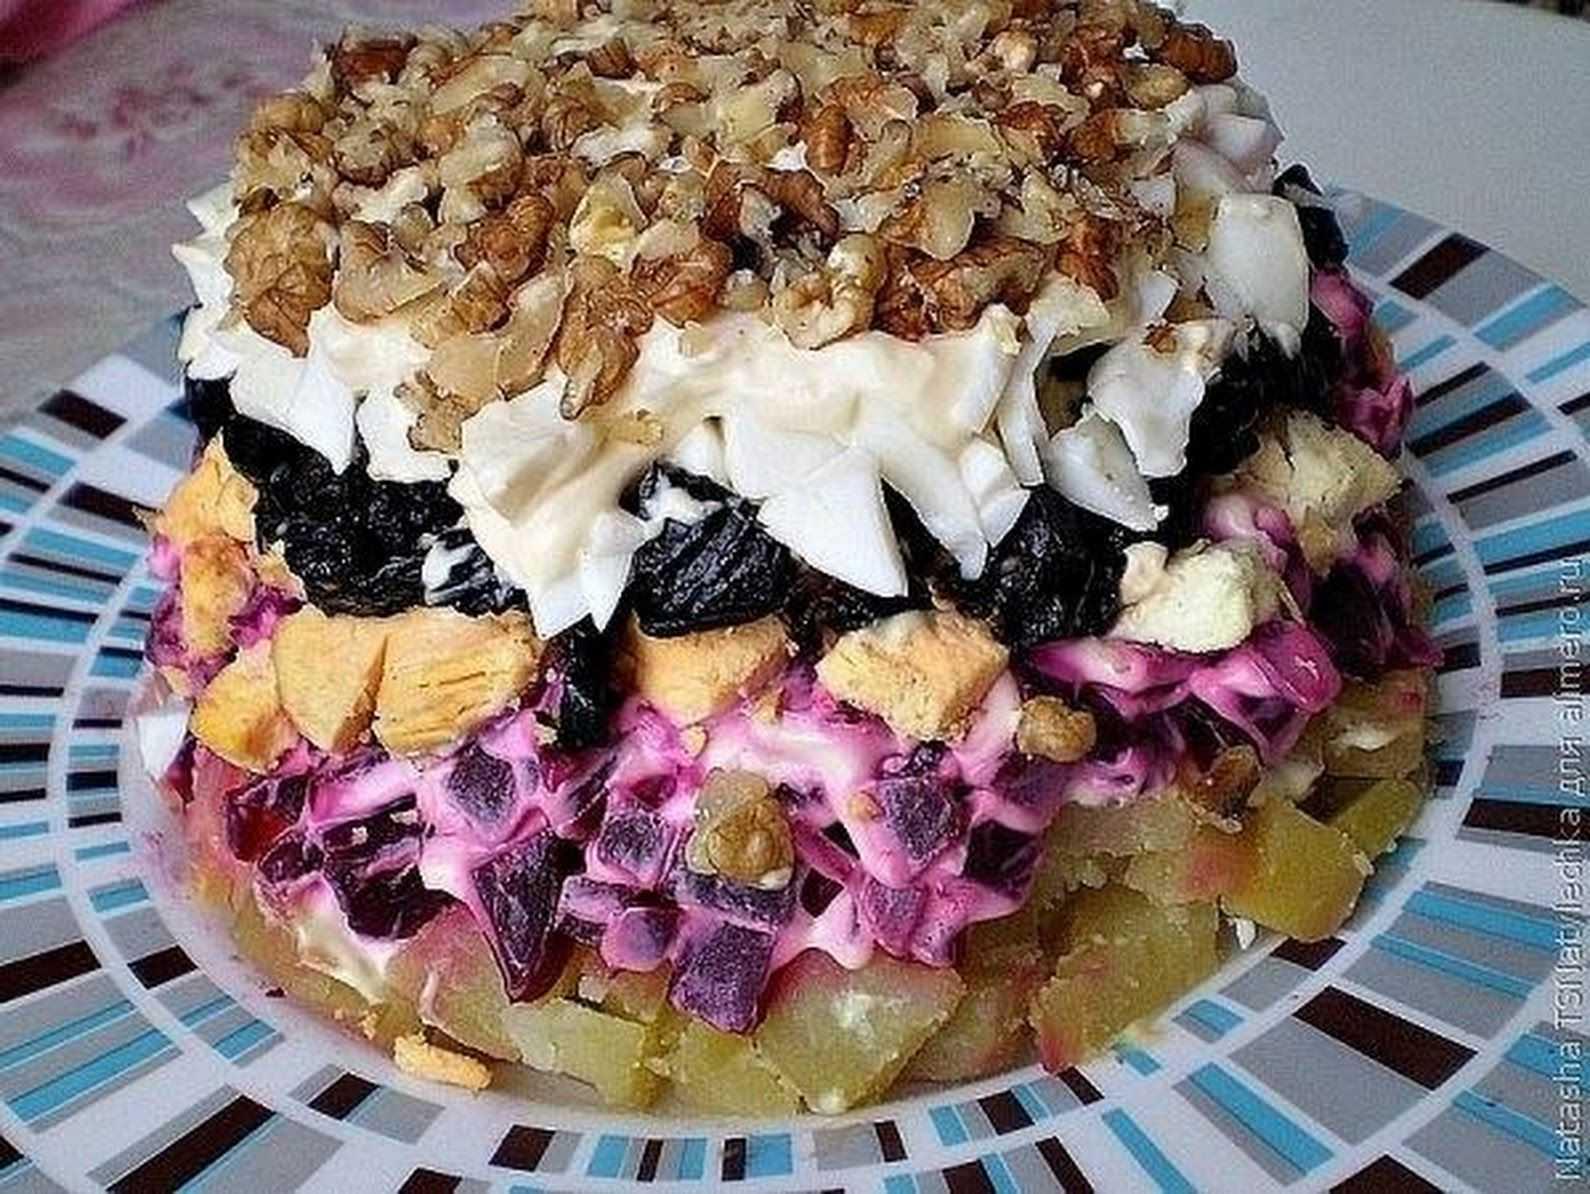 Готовь салат Фаворит с языком: поиск по ингредиентам, советы, отзывы, пошаговые фото, подсчет калорий, удобная печать, изменение порций, похожие рецепты